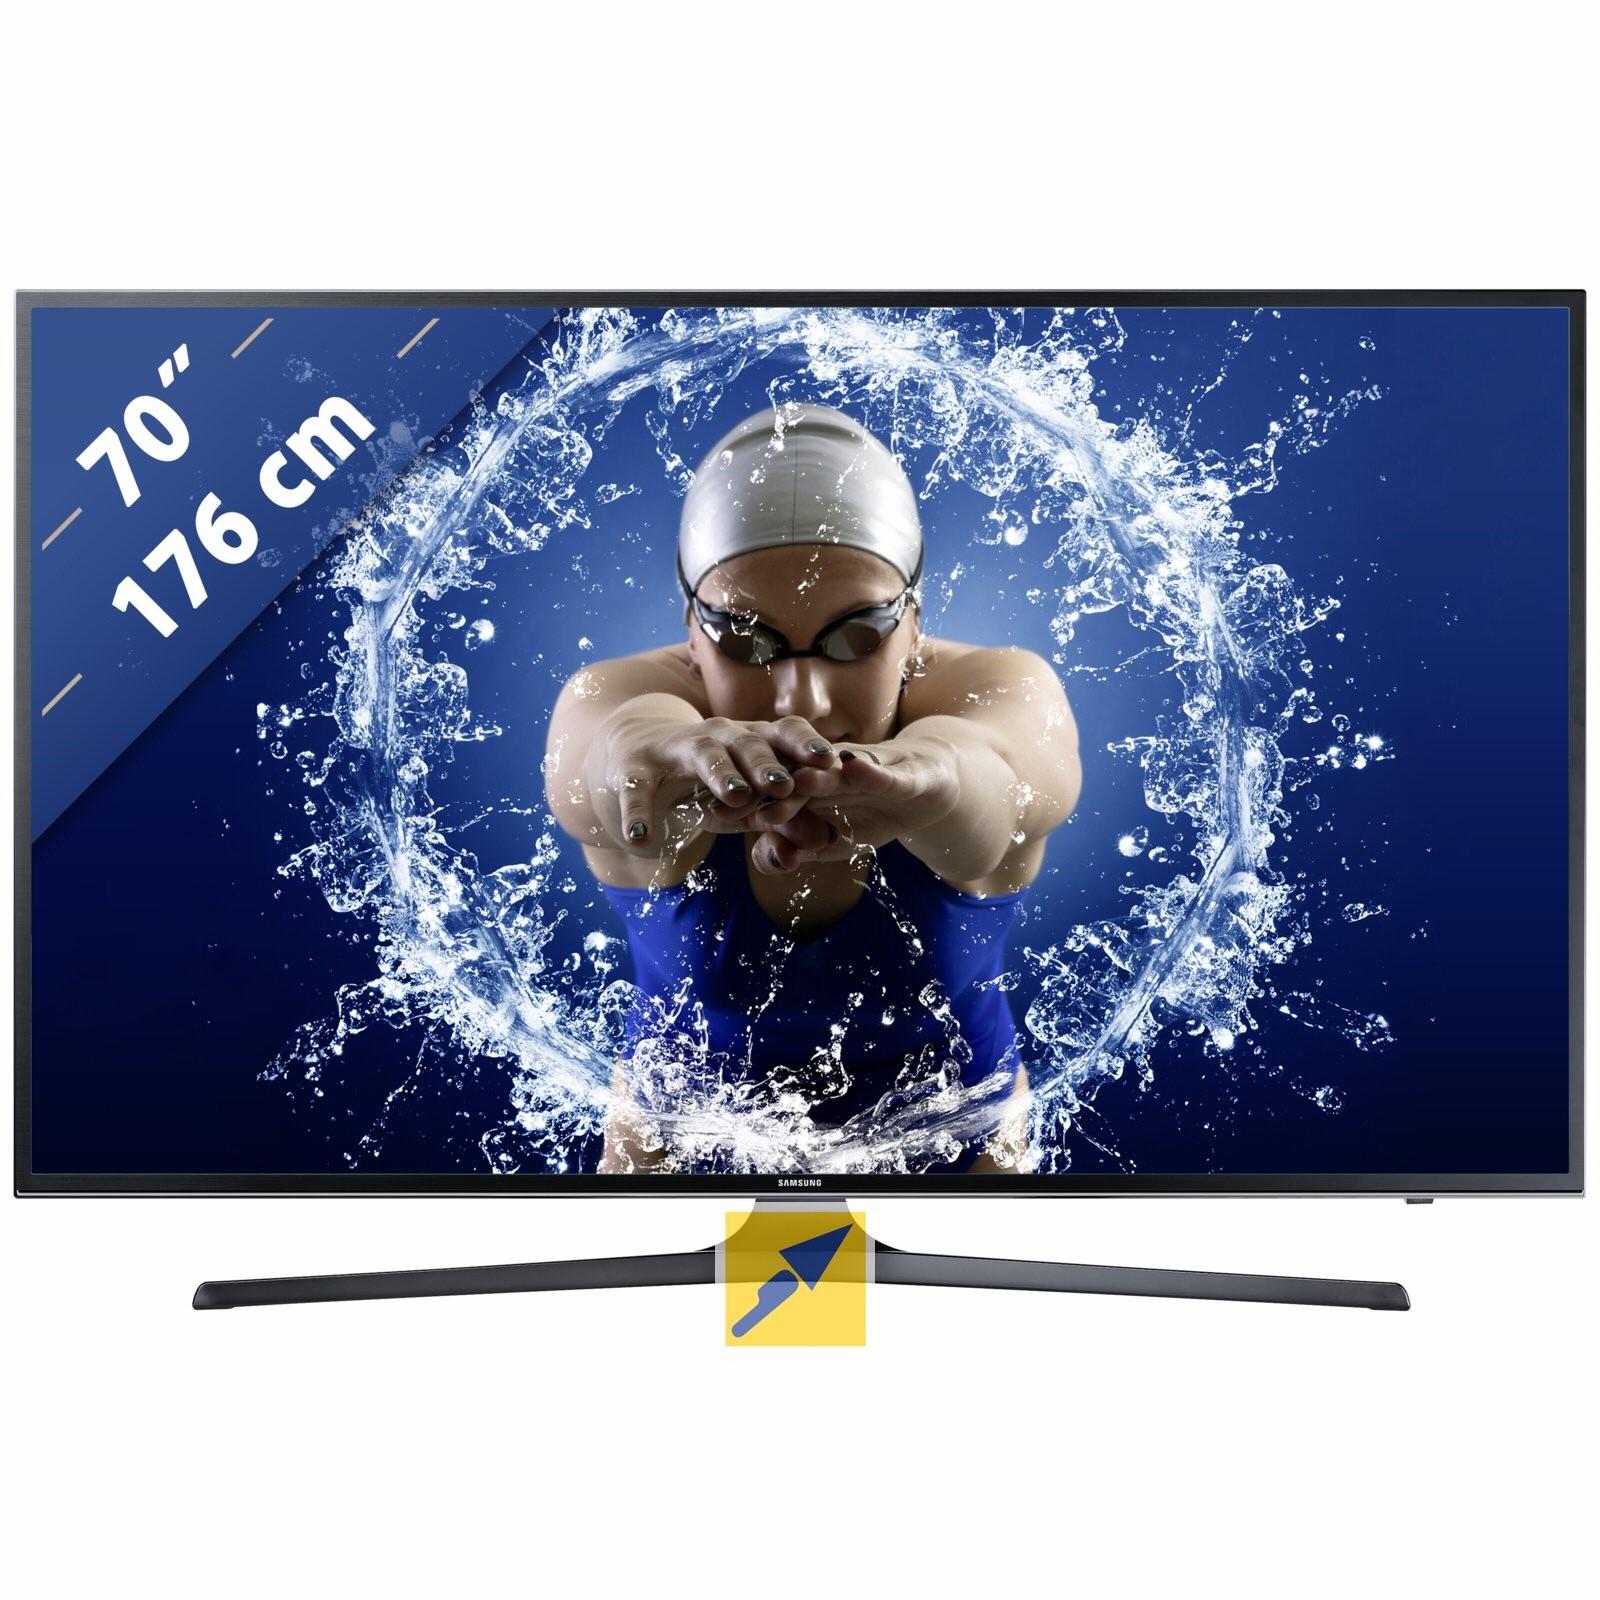 Samsung UE70KU6079 für 1.559,95, billigster Idealopreis 1.769,00!